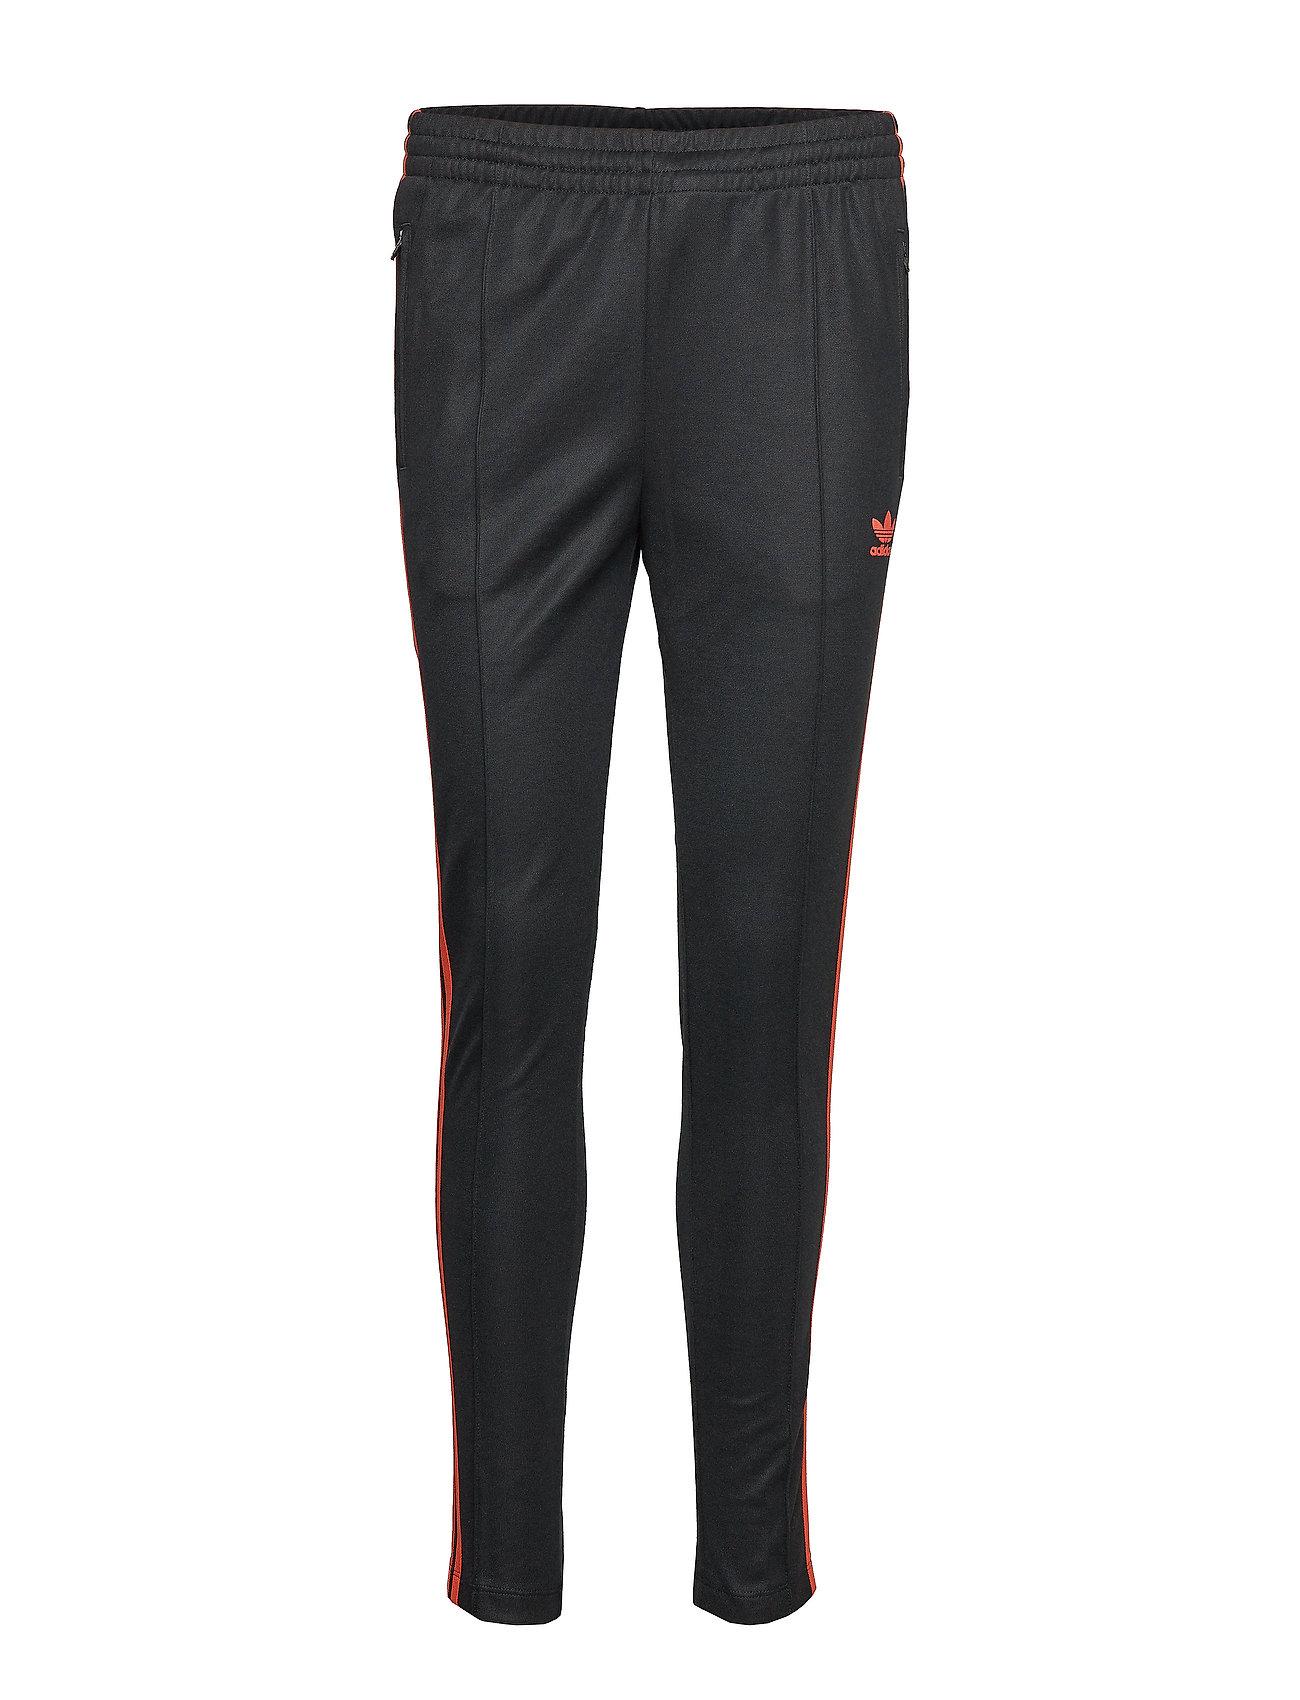 Adidas Originals SST TRACK PANTS Sweatpants